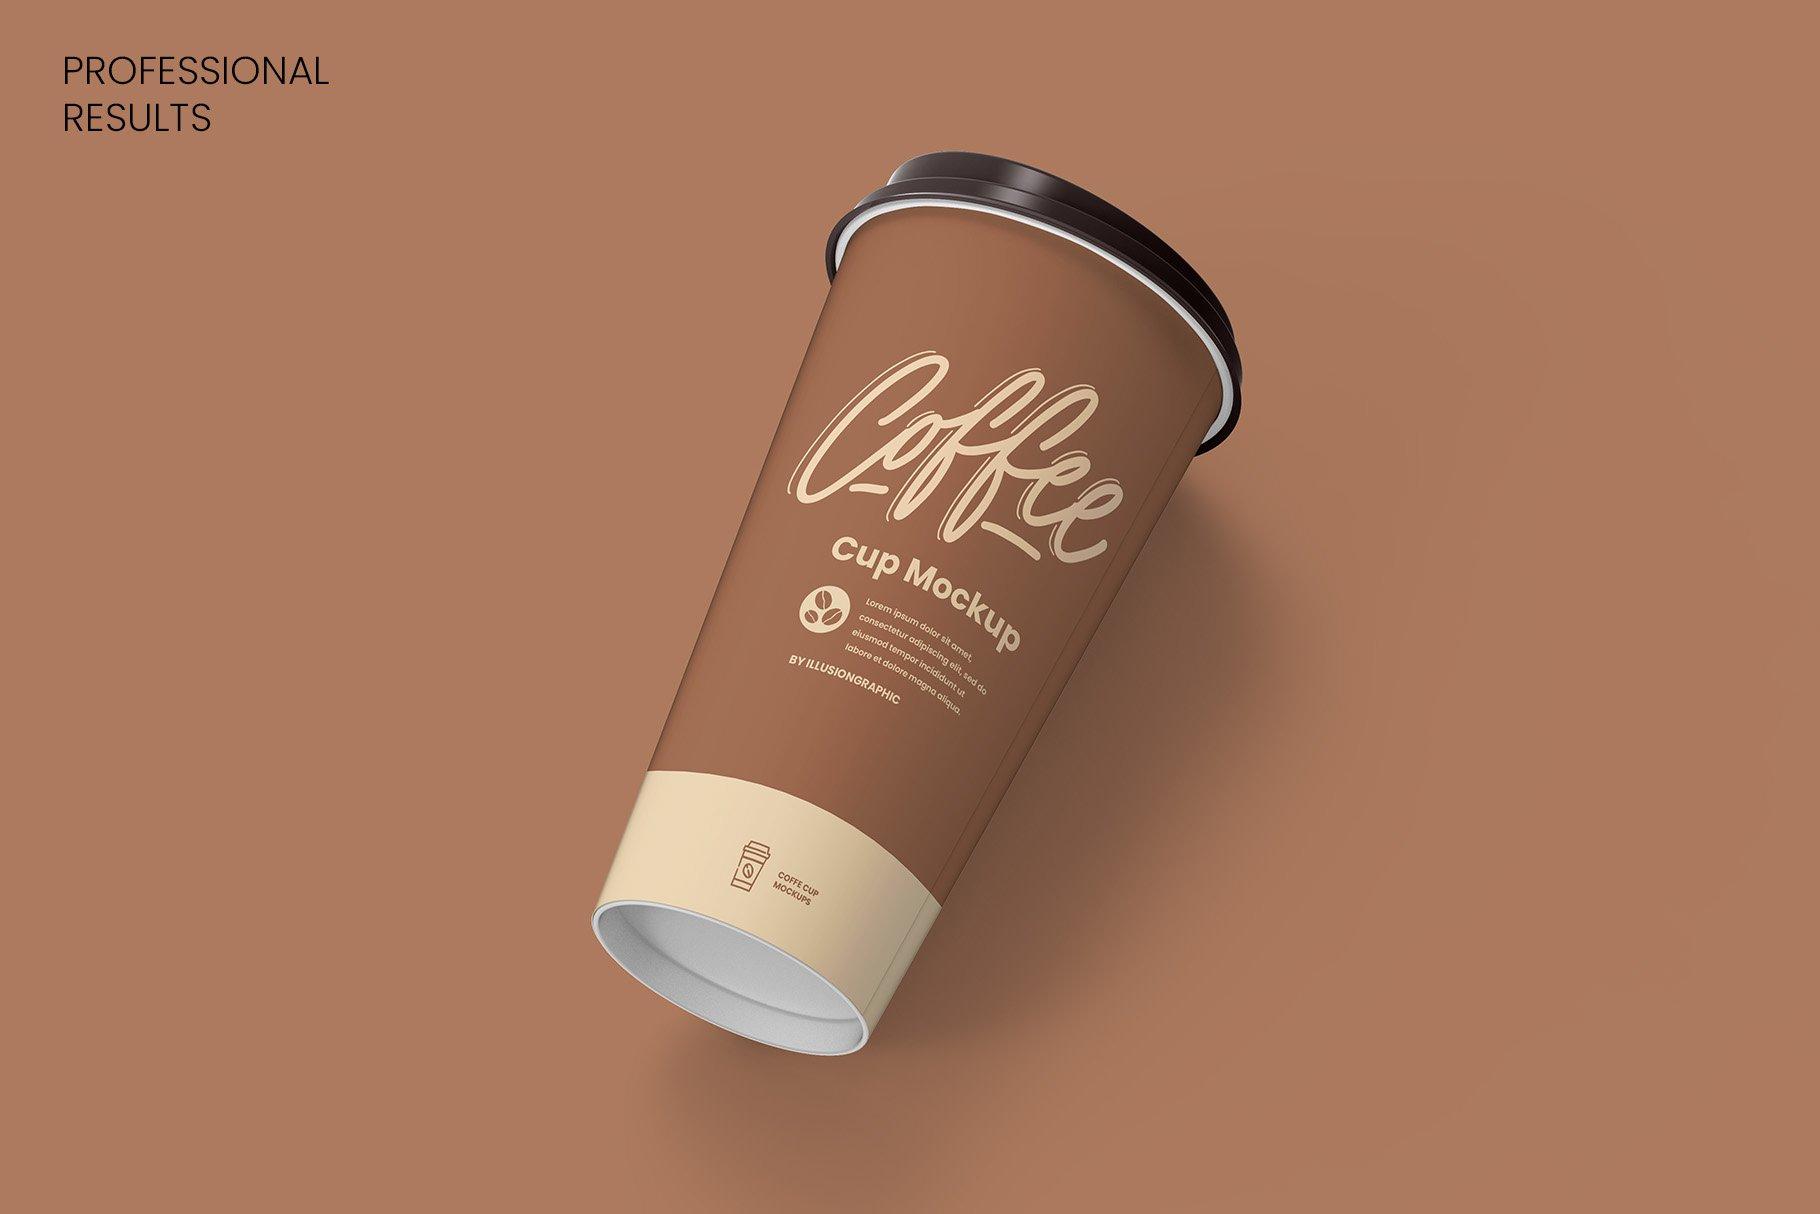 8个一次性咖啡外卖纸杯设计贴图样机模板 Coffee Cup Mockup – 8 views插图7